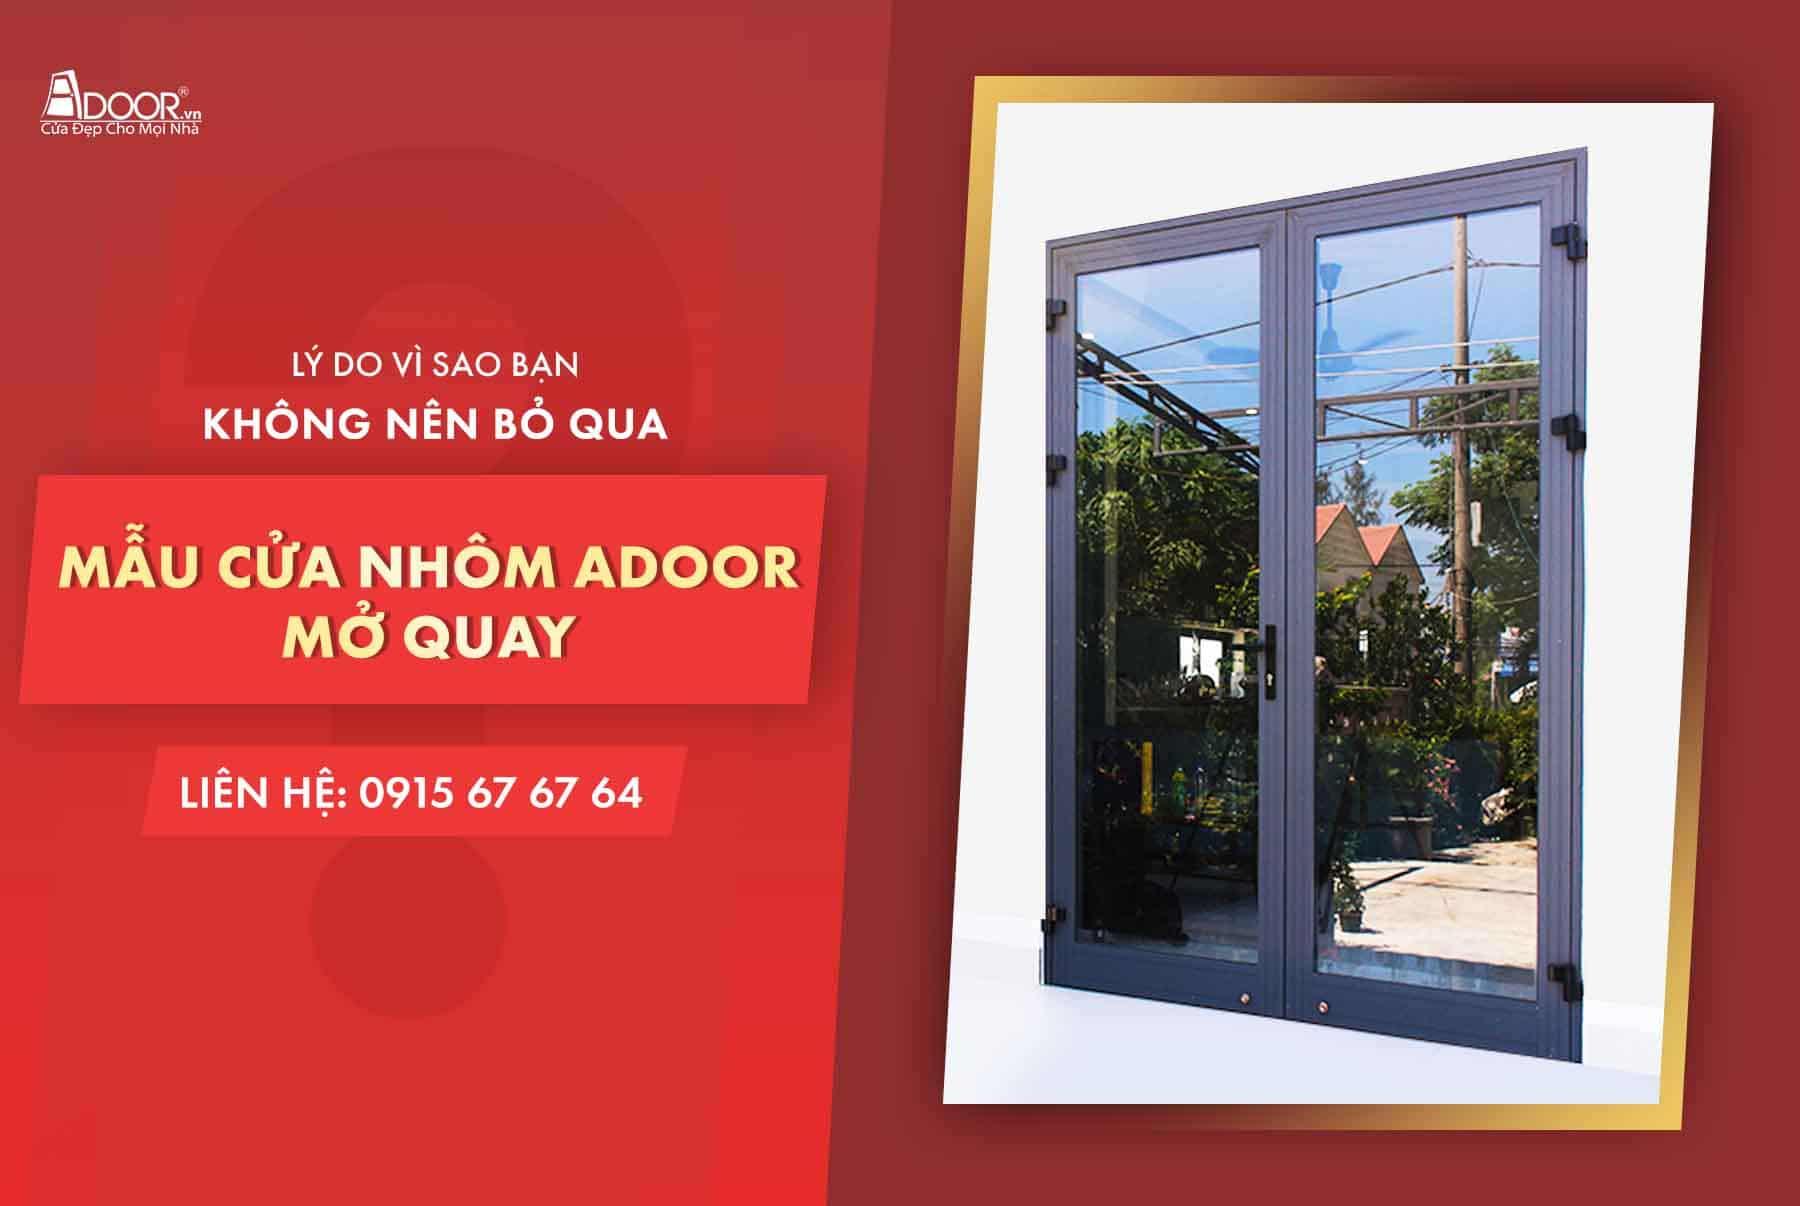 lý do nên chọn cửa nhôm Adoor